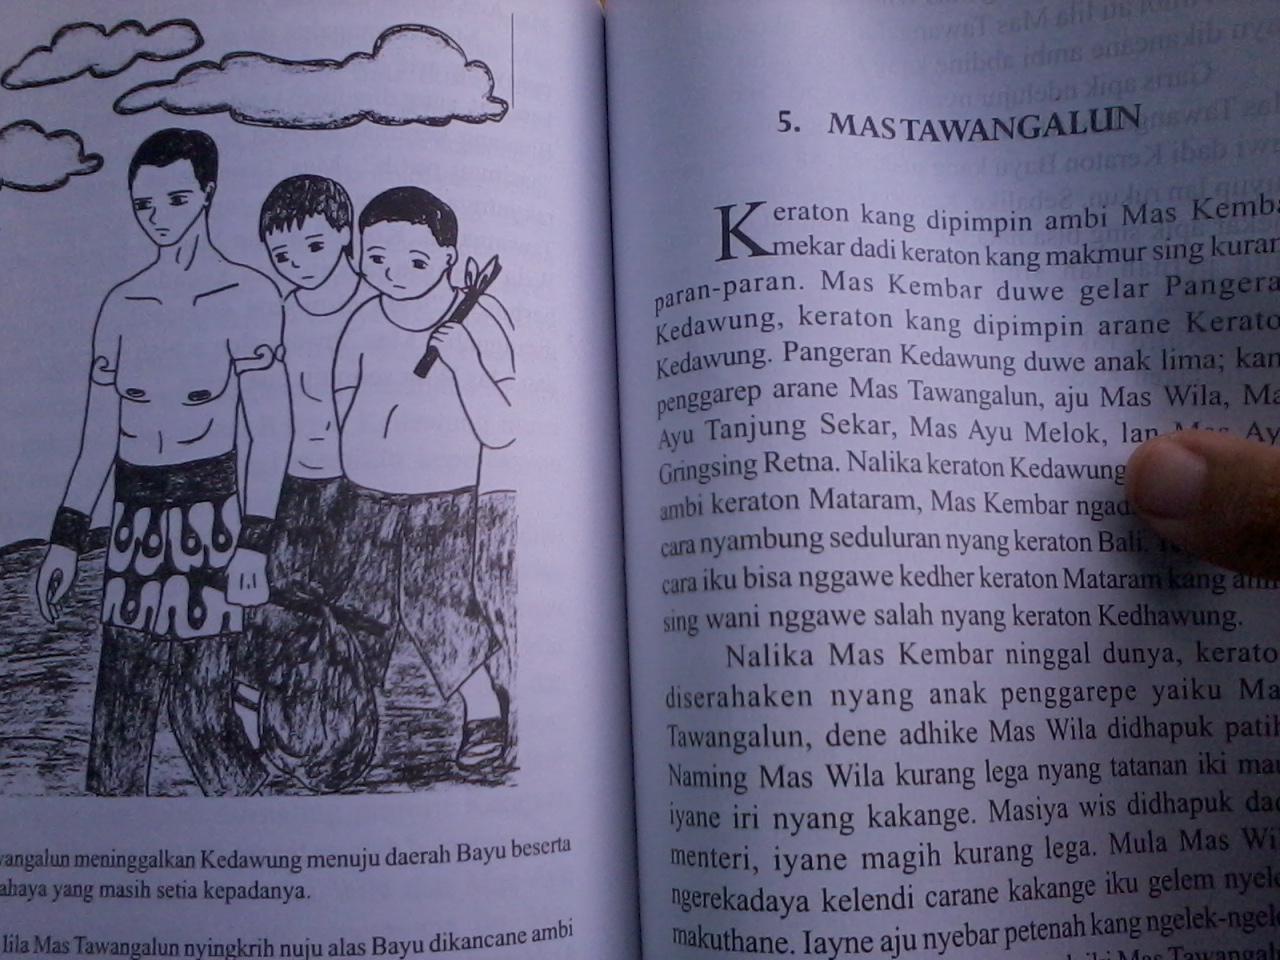 Buku ini juga dilengkapi denganilustrasi-ilustrasi yang menarik.